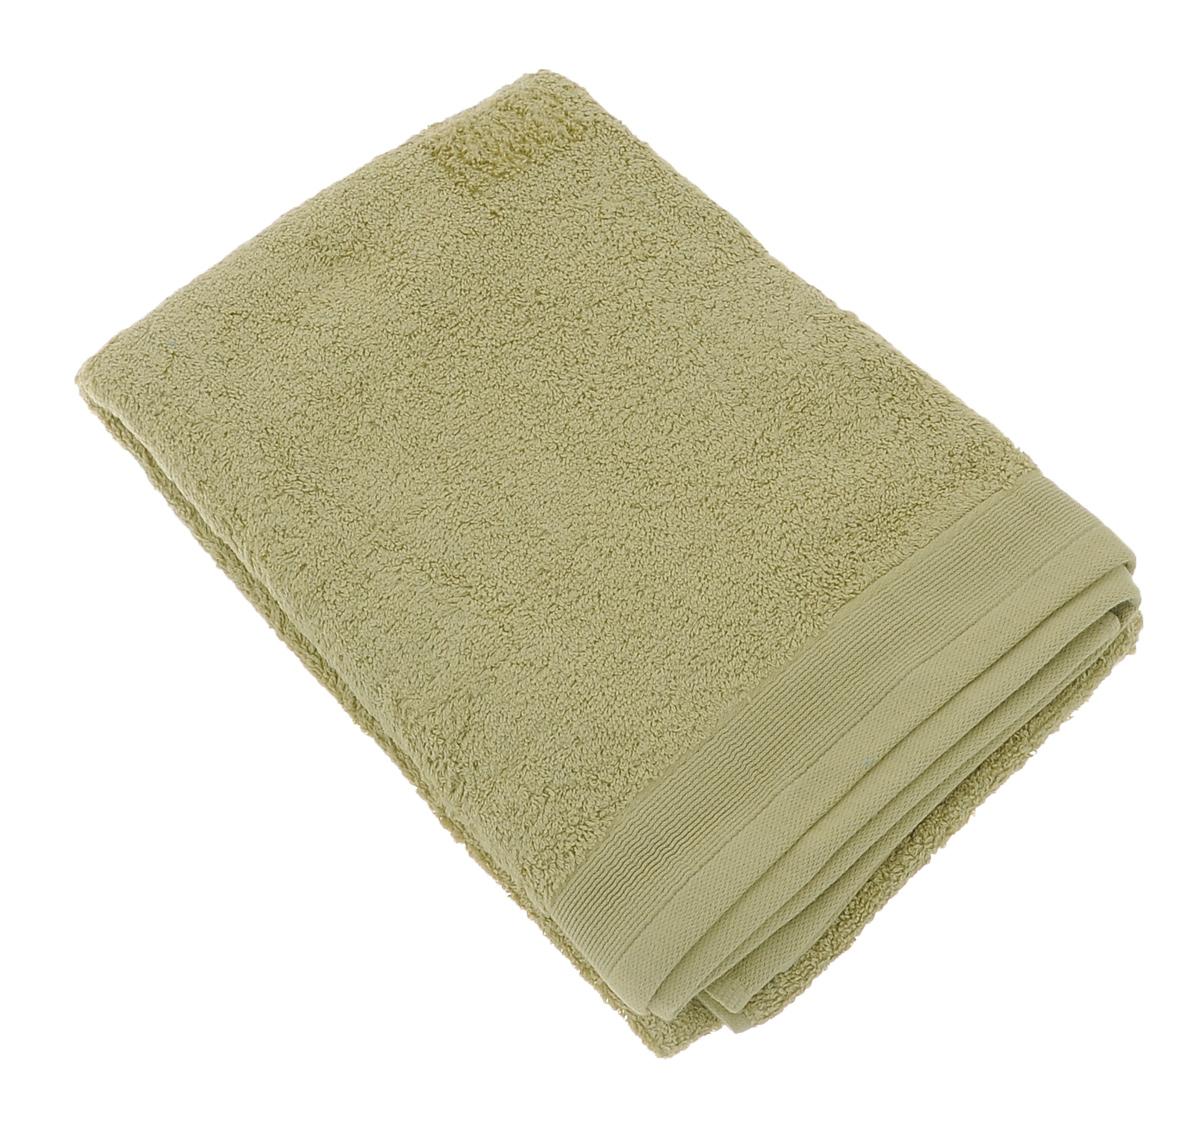 Полотенце махровое Guten Morgen, цвет: фисташковый, 70 см х 140 см531-401Махровое полотенце Guten Morgen, изготовленное из натурального хлопка, прекрасно впитывает влагу и быстро сохнет. Высокая плотность ткани делает полотенце мягкими, прочными и пушистыми. При соблюдении рекомендаций по уходу изделие сохраняет яркость цвета и не теряет форму даже после многократных стирок. Махровое полотенце Guten Morgen станет достойным выбором для вас и приятным подарком для ваших близких. Мягкость и высокое качество материала, из которого изготовлено полотенце, не оставит вас равнодушными.